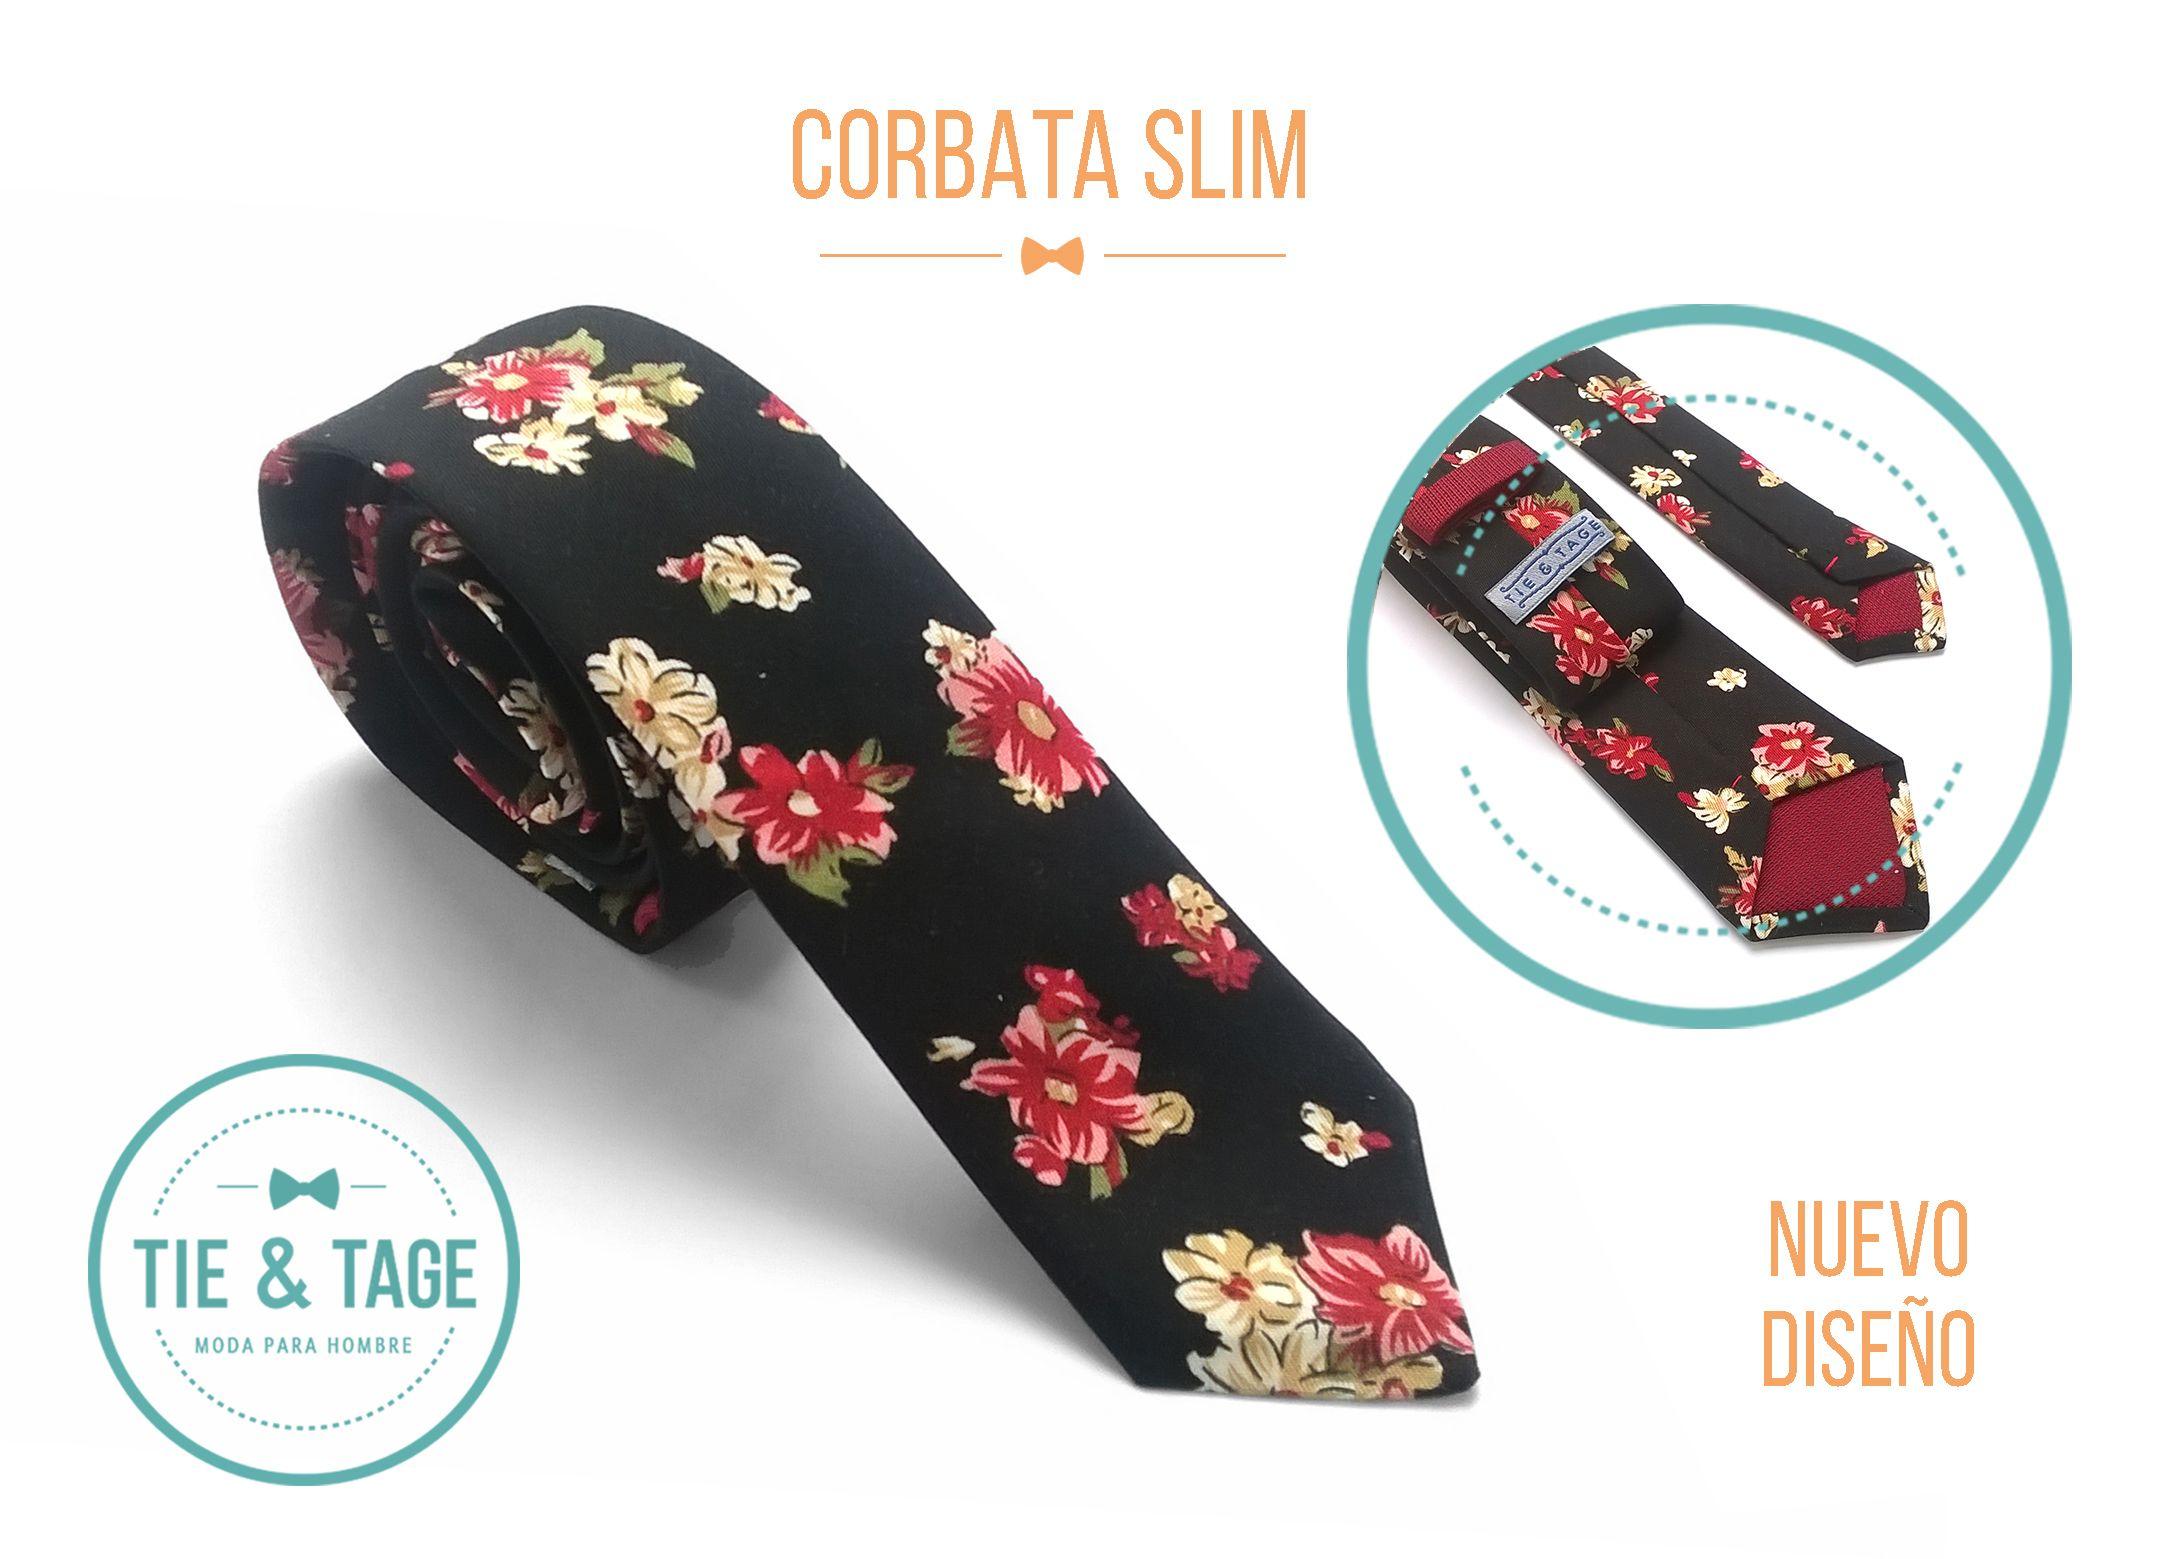 moda más deseable hermosa y encantadora zapatos para baratas Corbata #Slim #Necktie #Faleno #Floreada #Negra hecha a mano ...